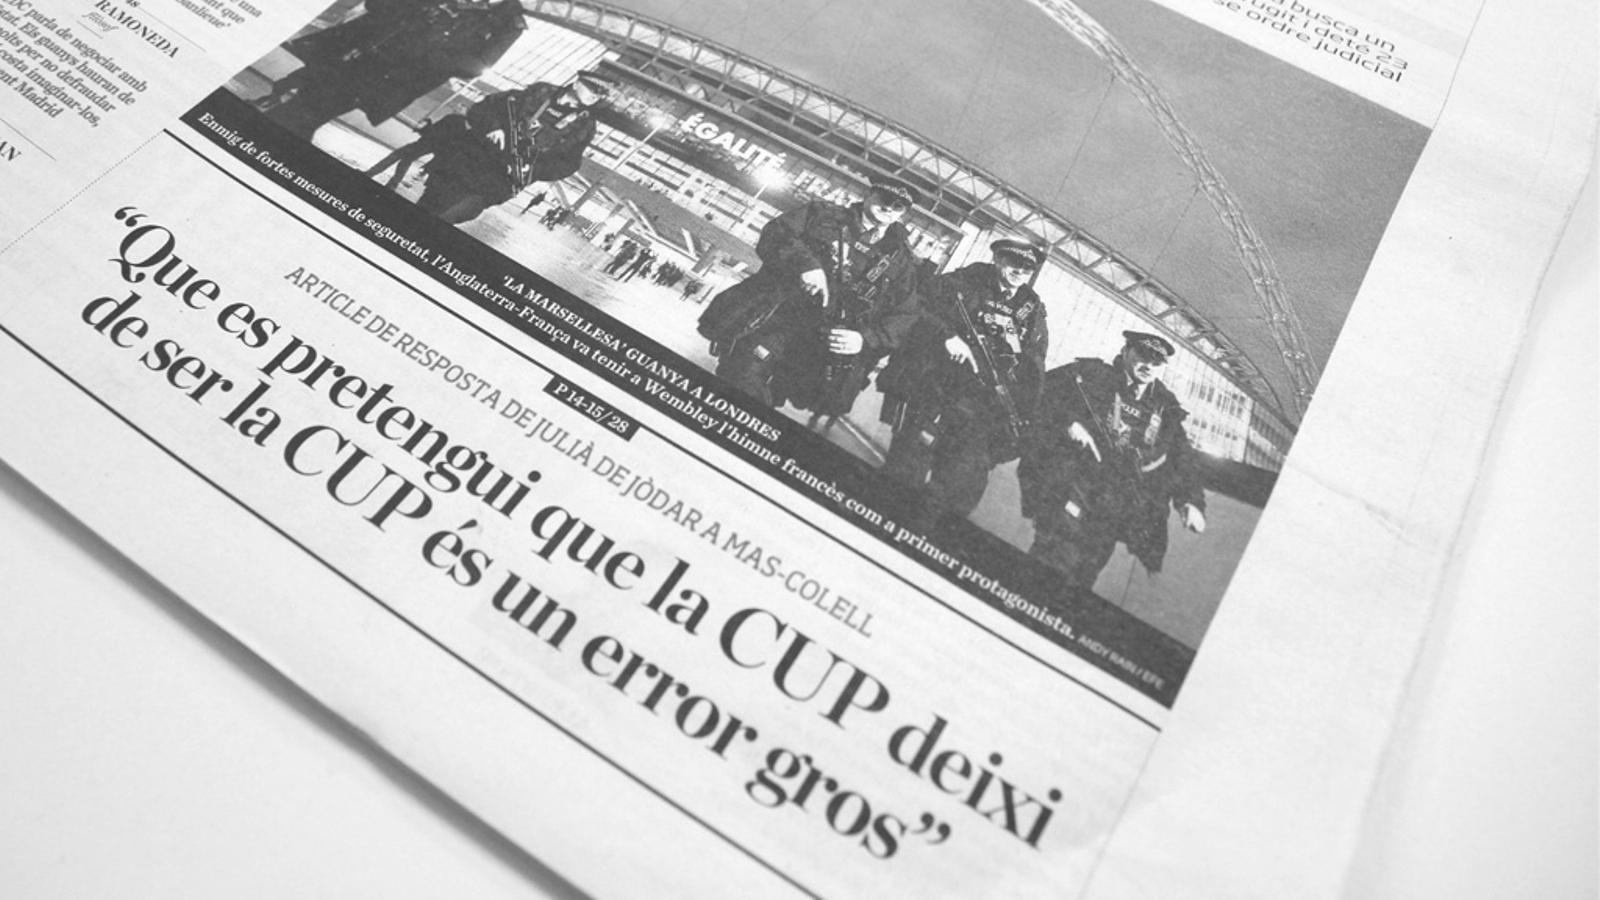 L'editorial d'Antoni Bassas: Aux armes, citoyens, (i una nota final sobre el procés) (18/11/15)